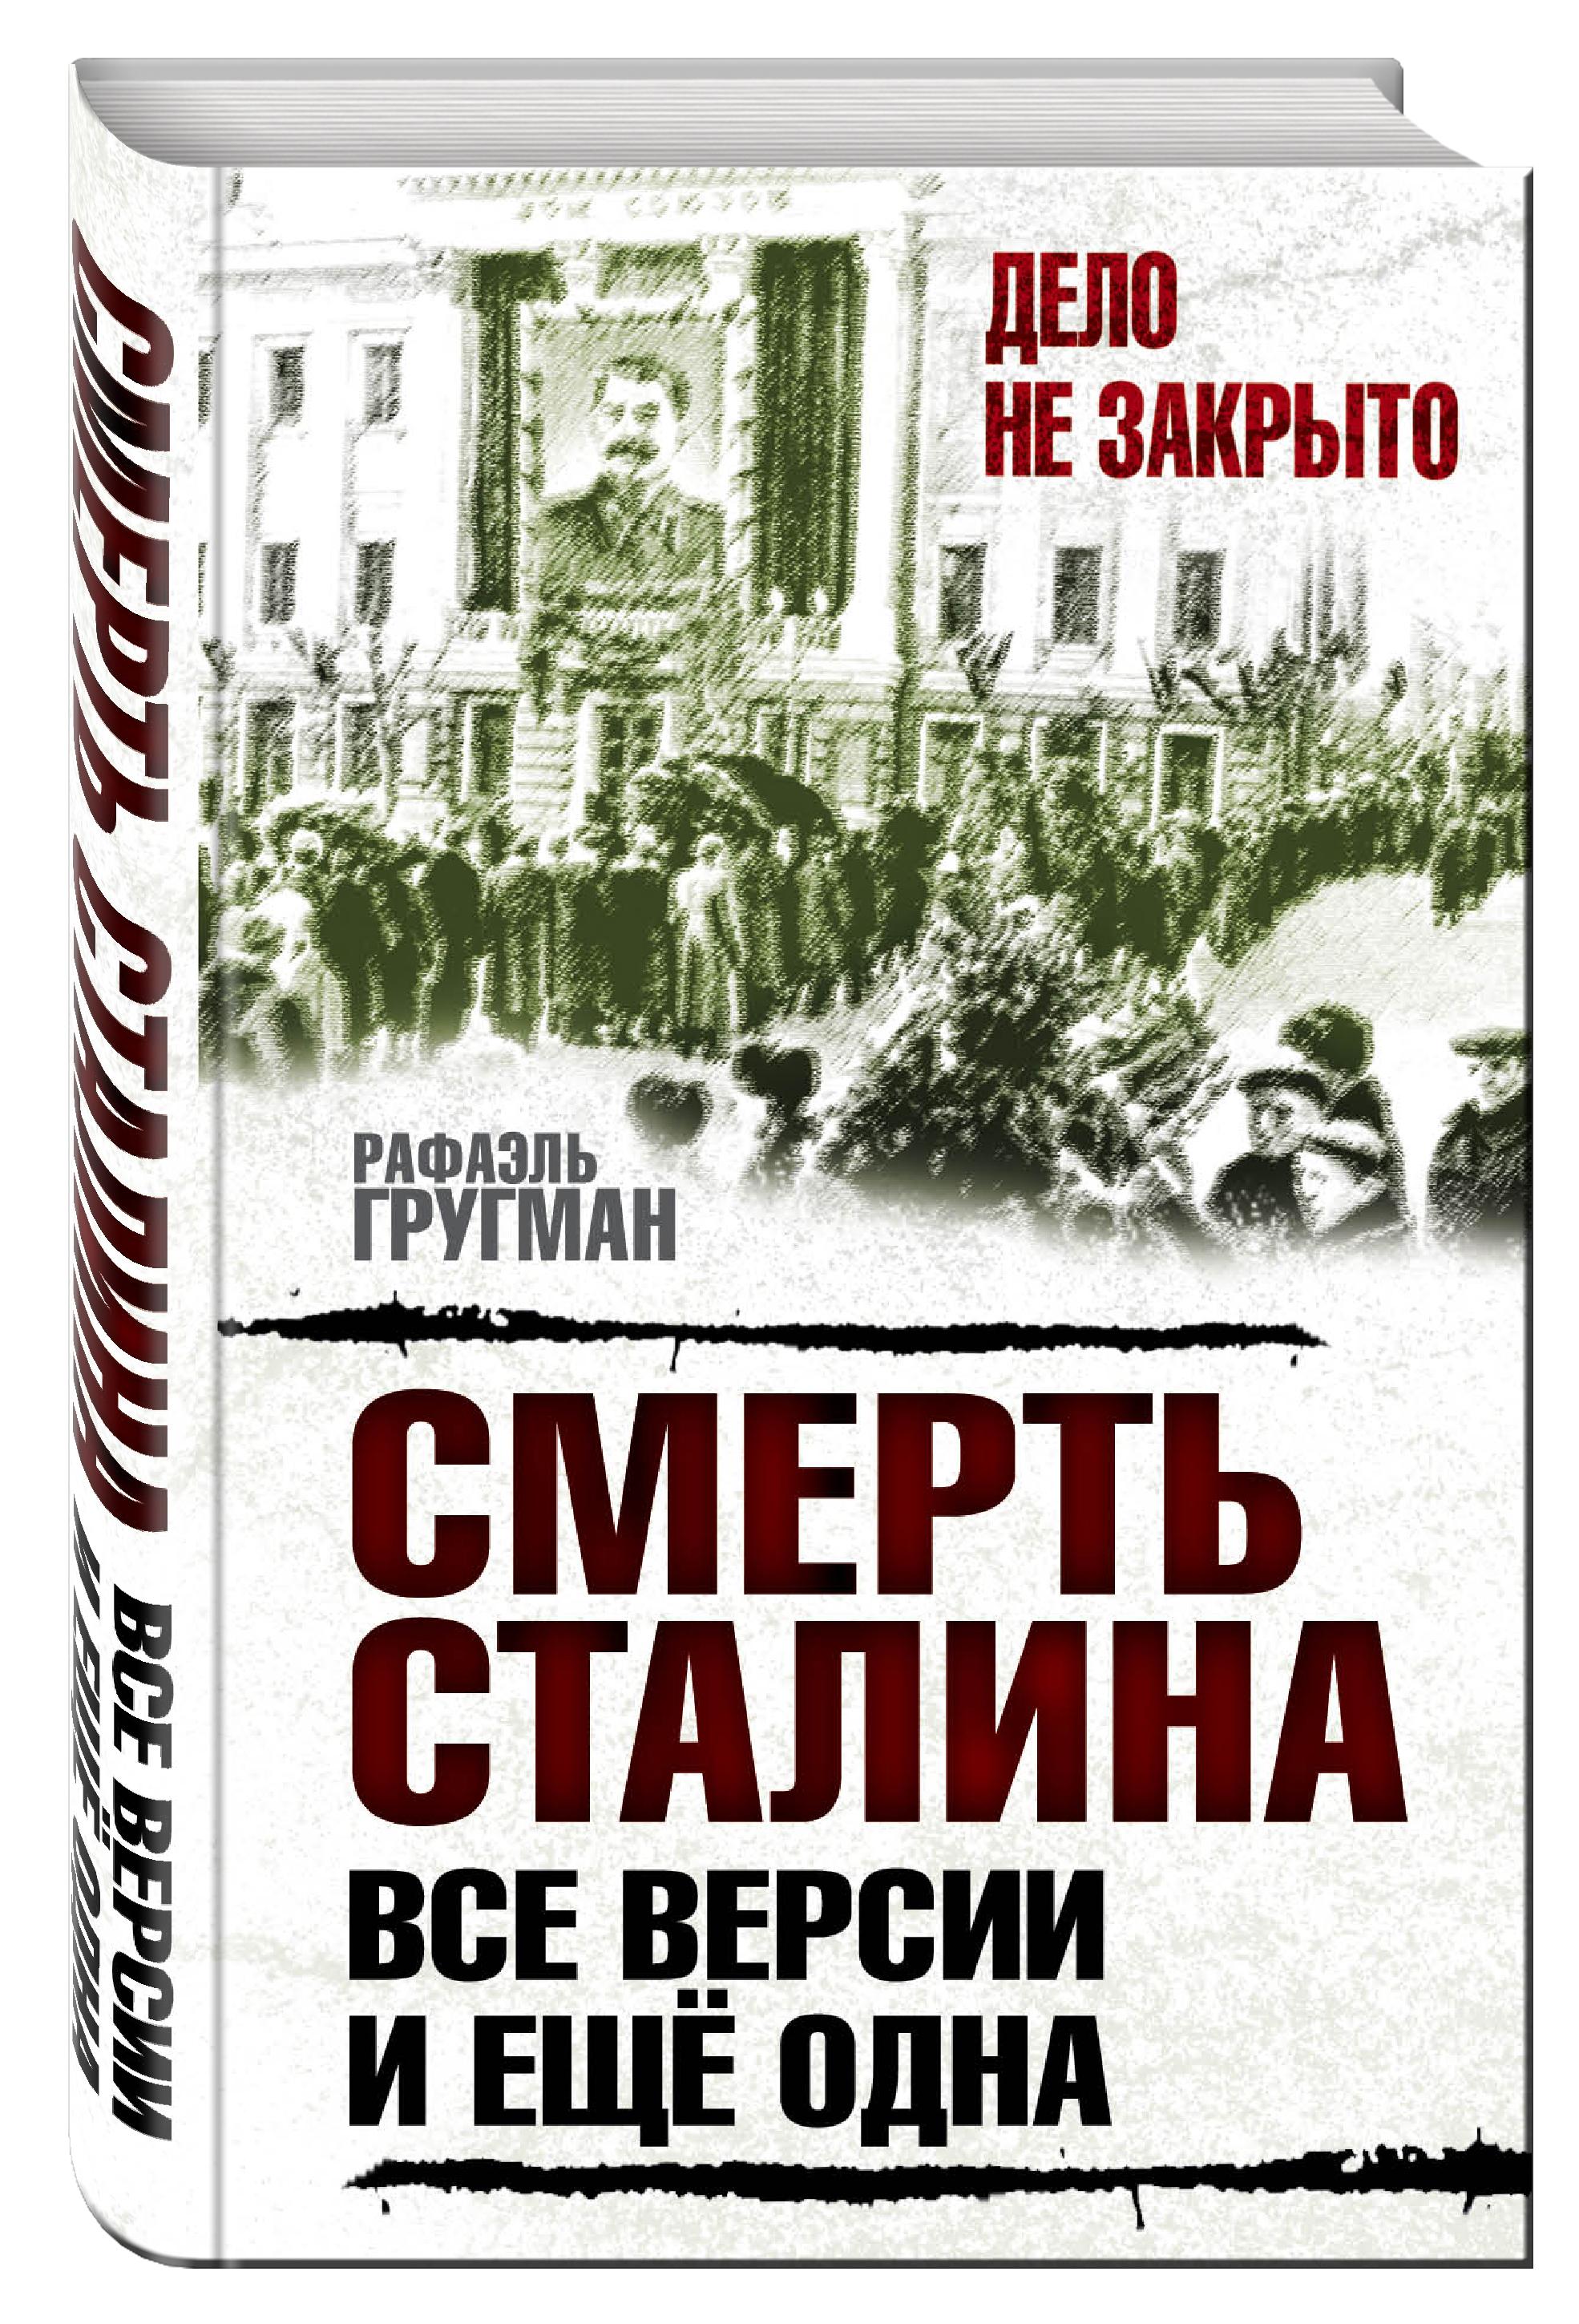 Гругман Р.А. Смерть Сталина: все версии. И ещё одна убийство сталина все версии и еще одна